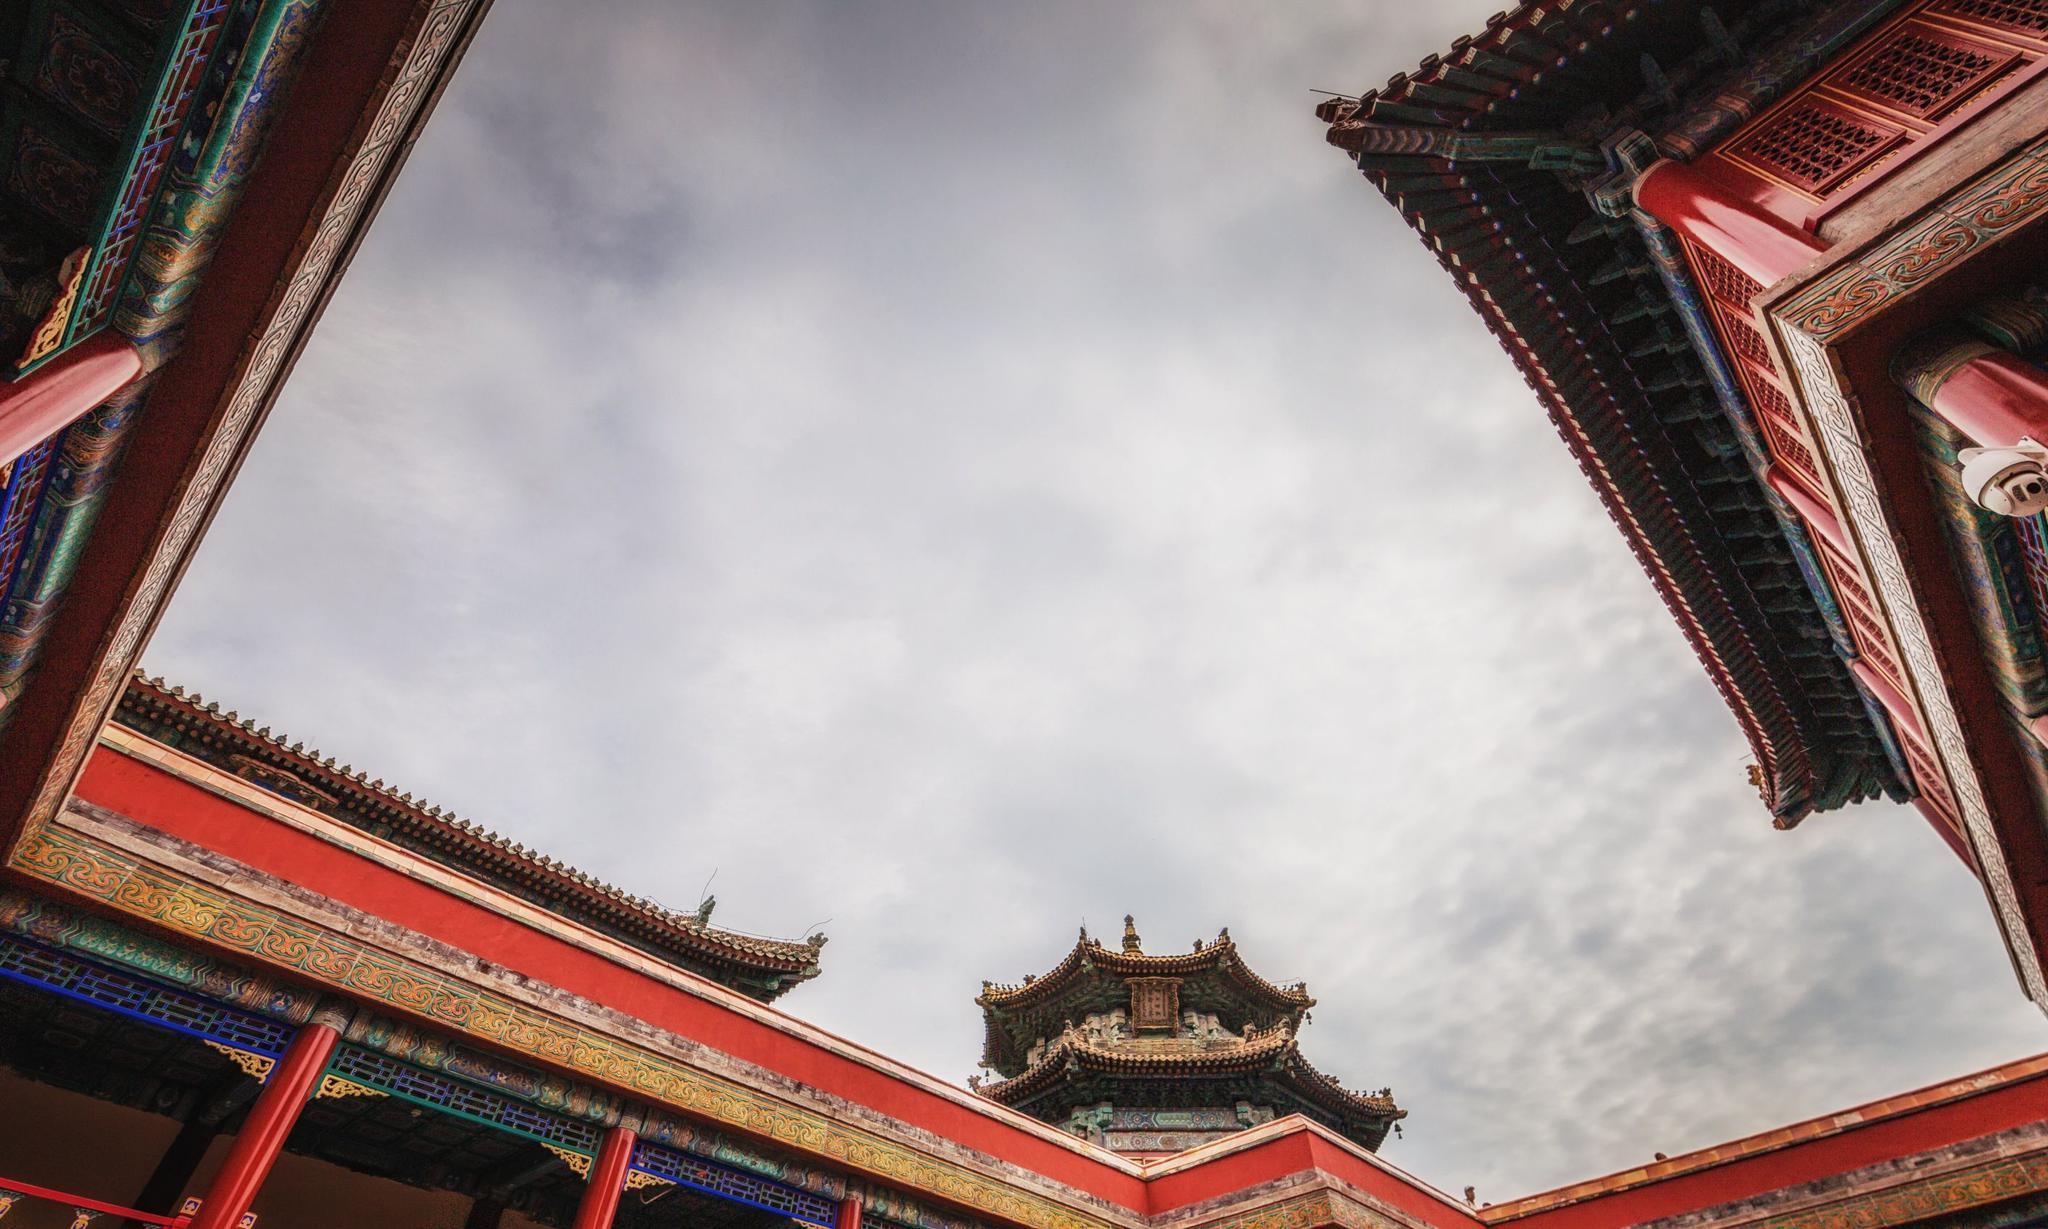 藏传佛教圣地不止在西藏,这里是名副其实的小布达拉宫|小布达拉宫|佛教圣地|西藏_新浪新闻